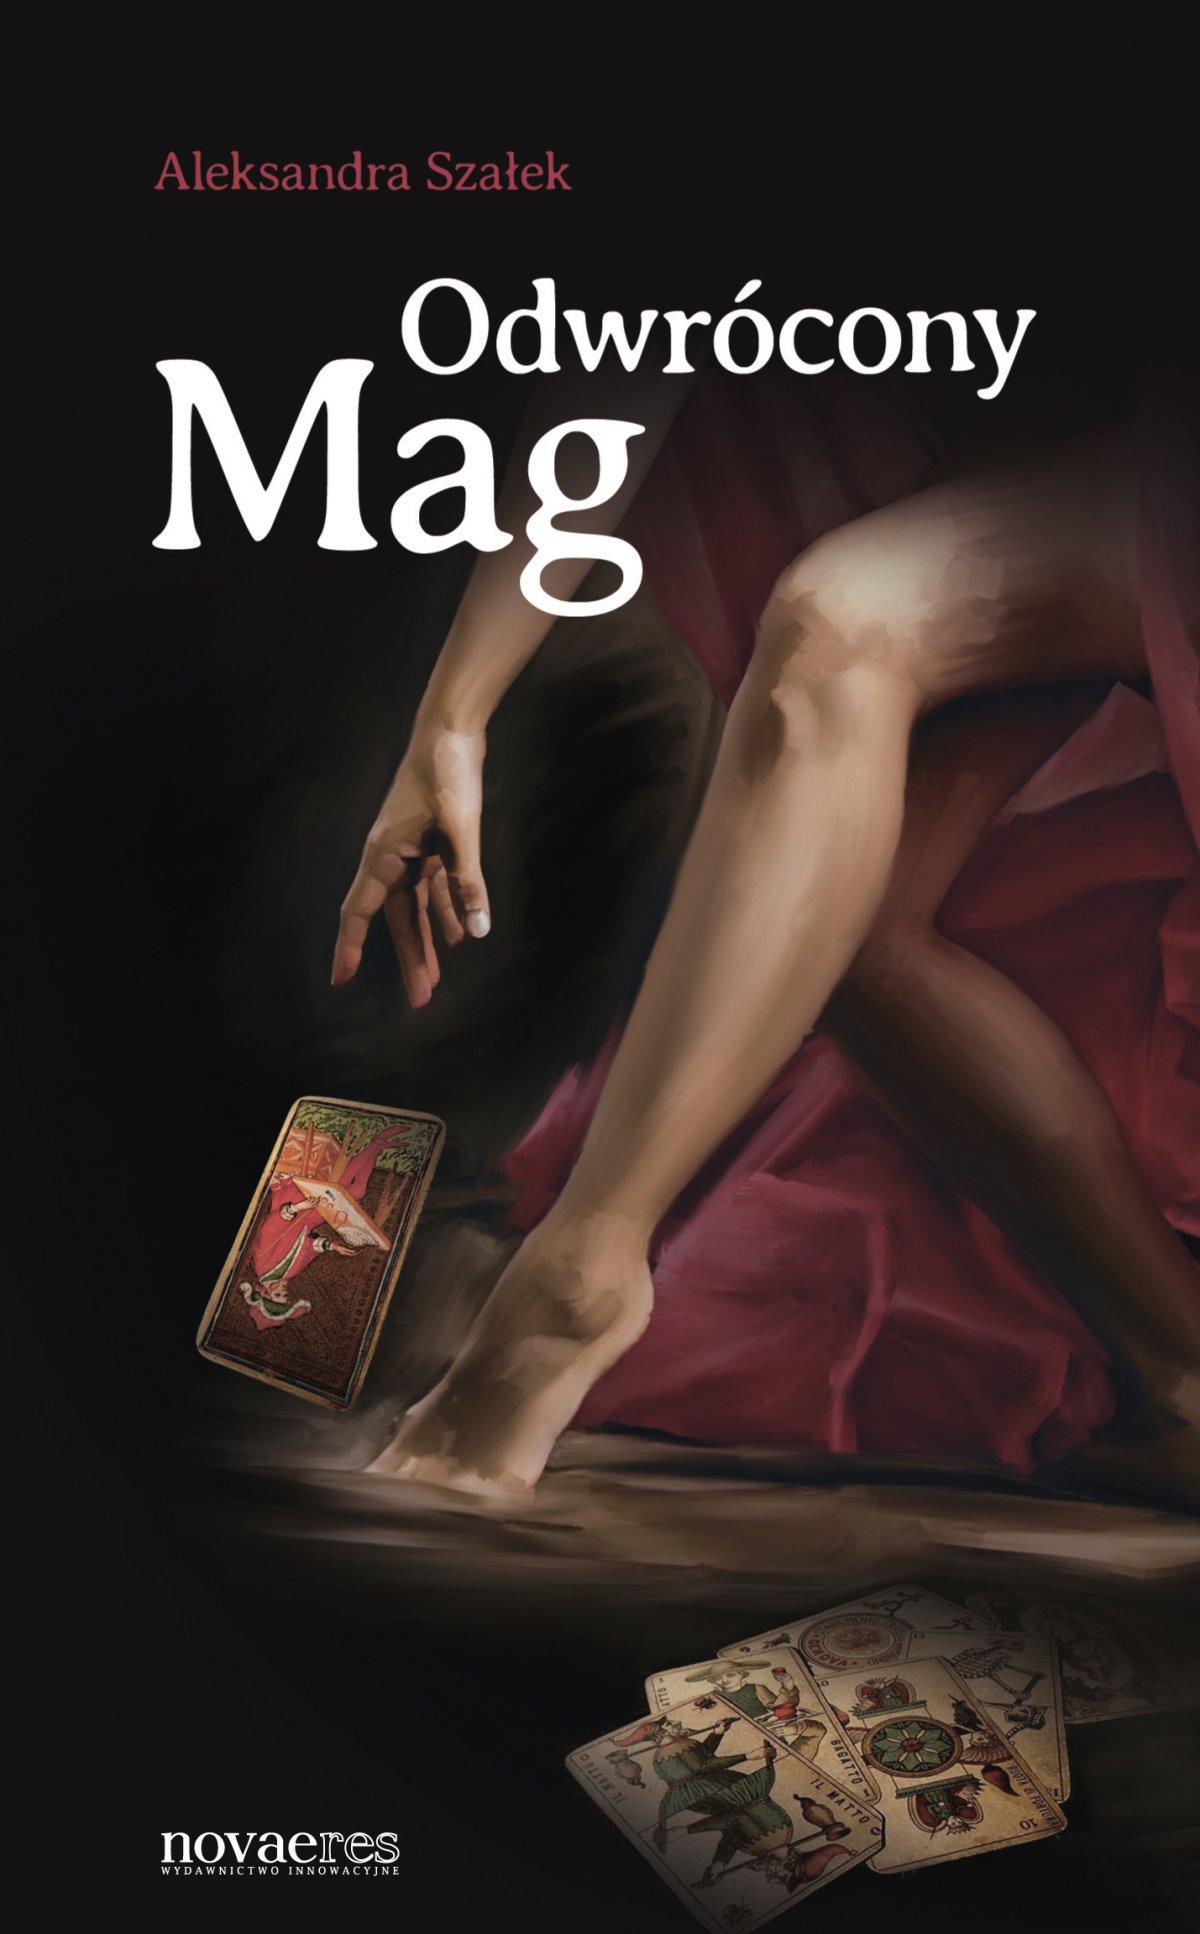 Odwrócony Mag - Ebook (Książka EPUB) do pobrania w formacie EPUB